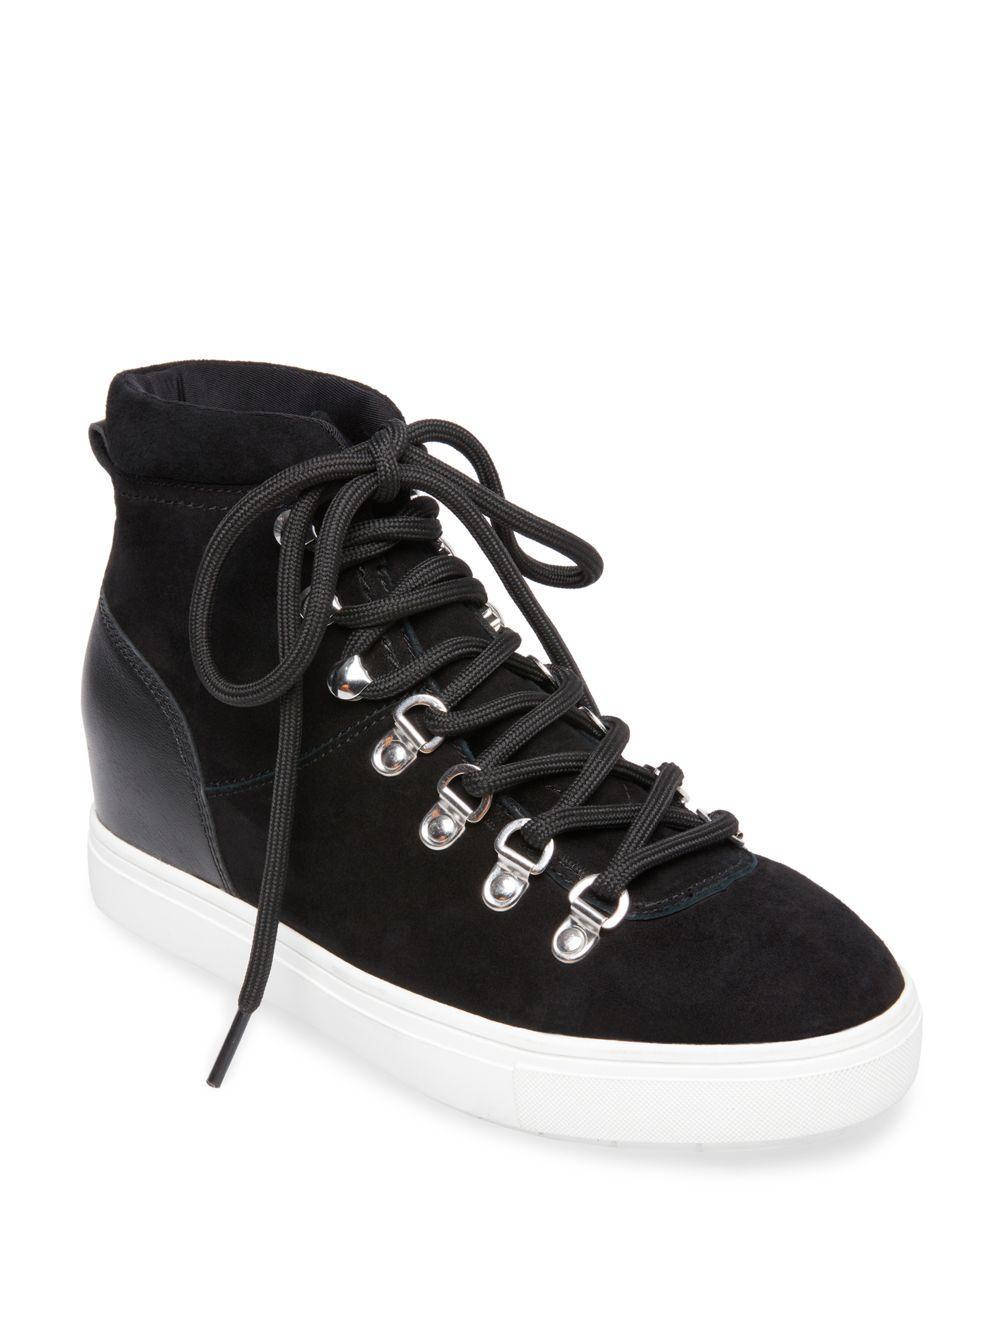 cf1d0de6a46 Women's Black Kalea Suede High-top Wedge Sneakers